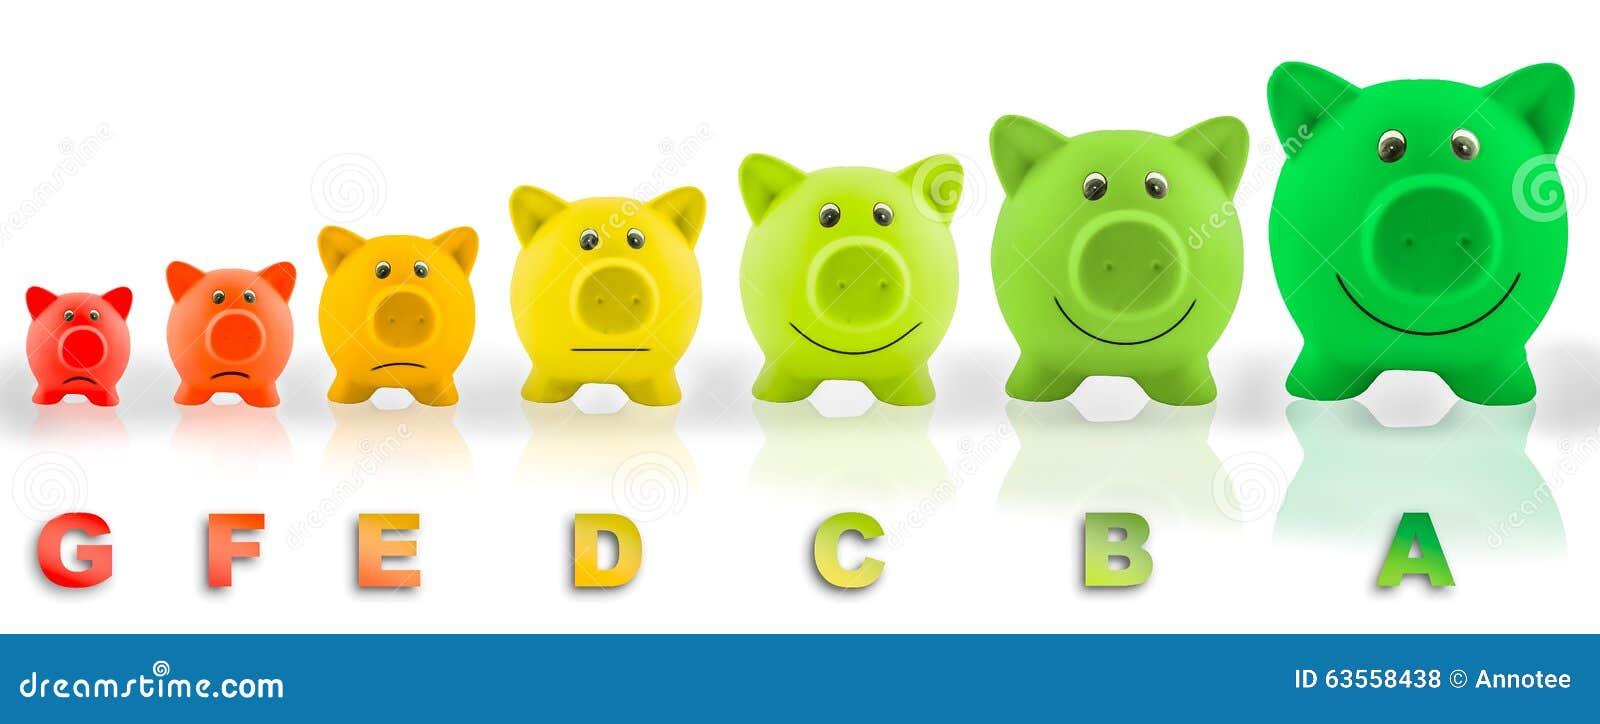 Energy efficiency rating pigs